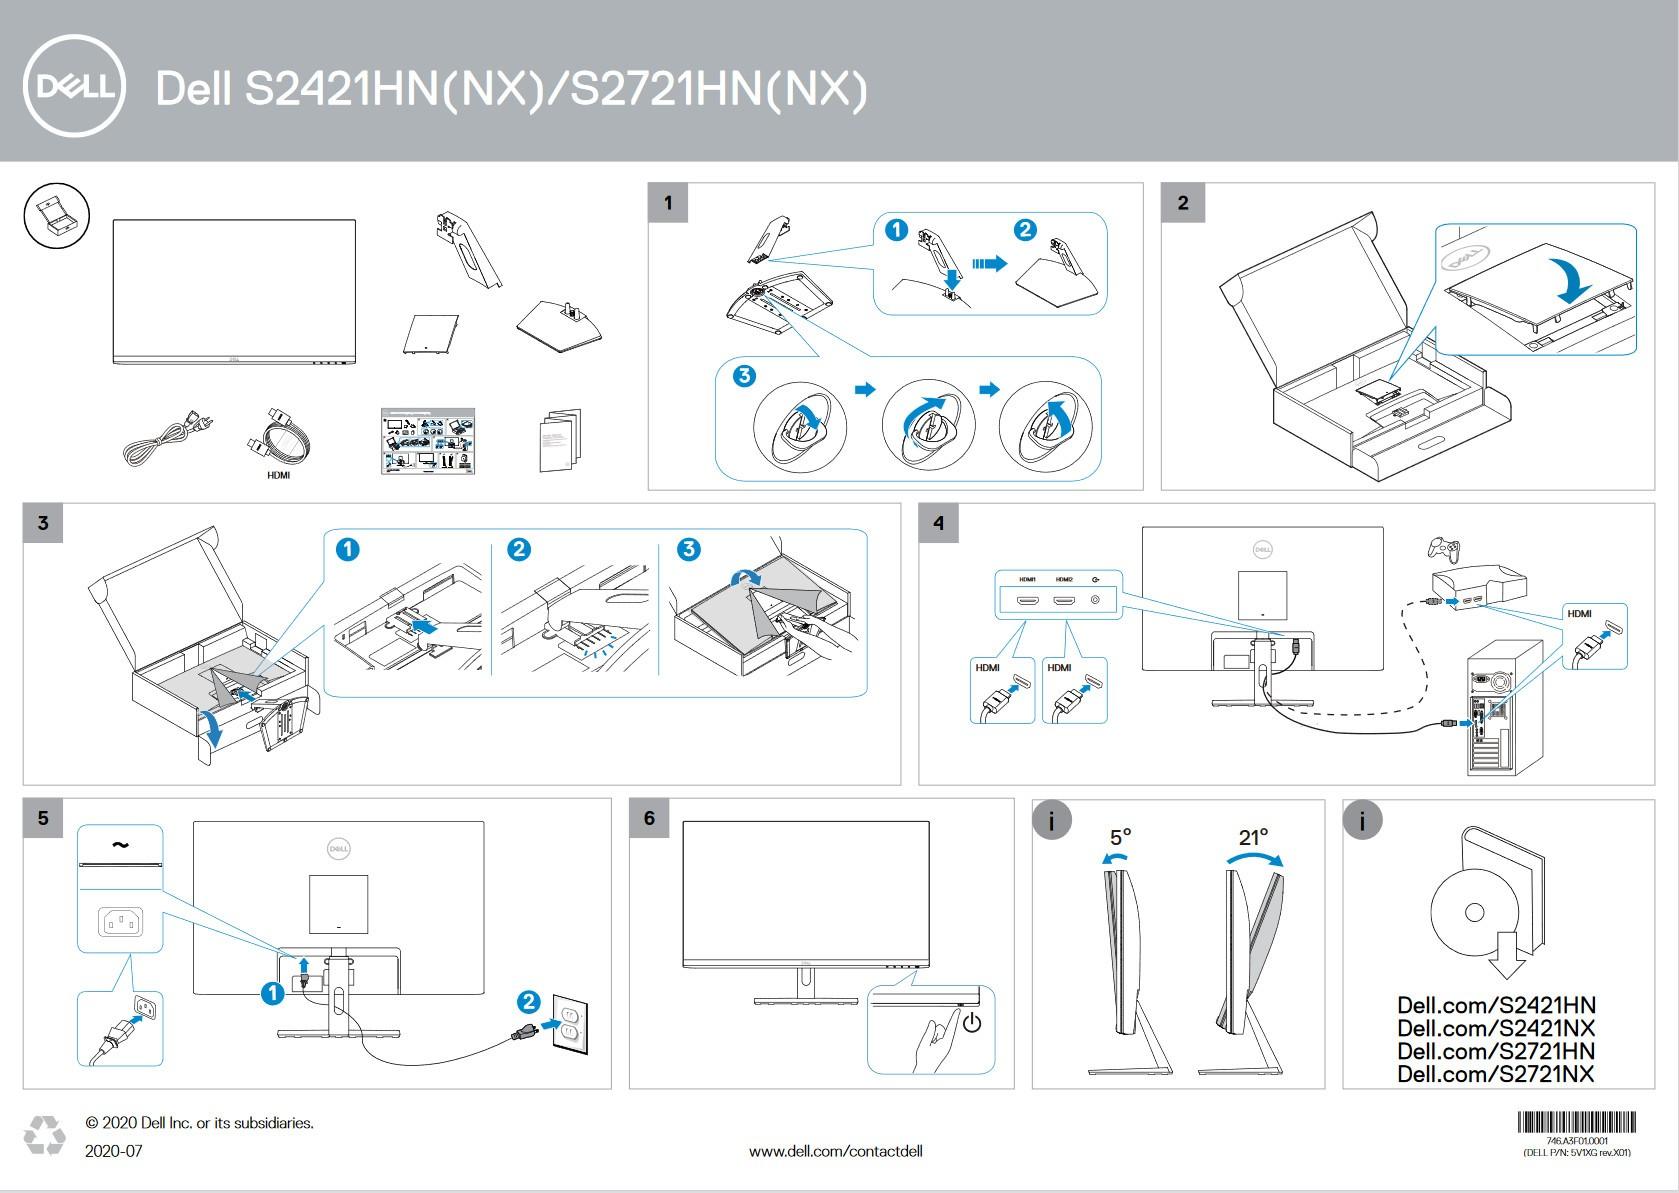 Hướng dẫn lắp đặt nhanh Dell S2421NX và các màn hình dell cùng series